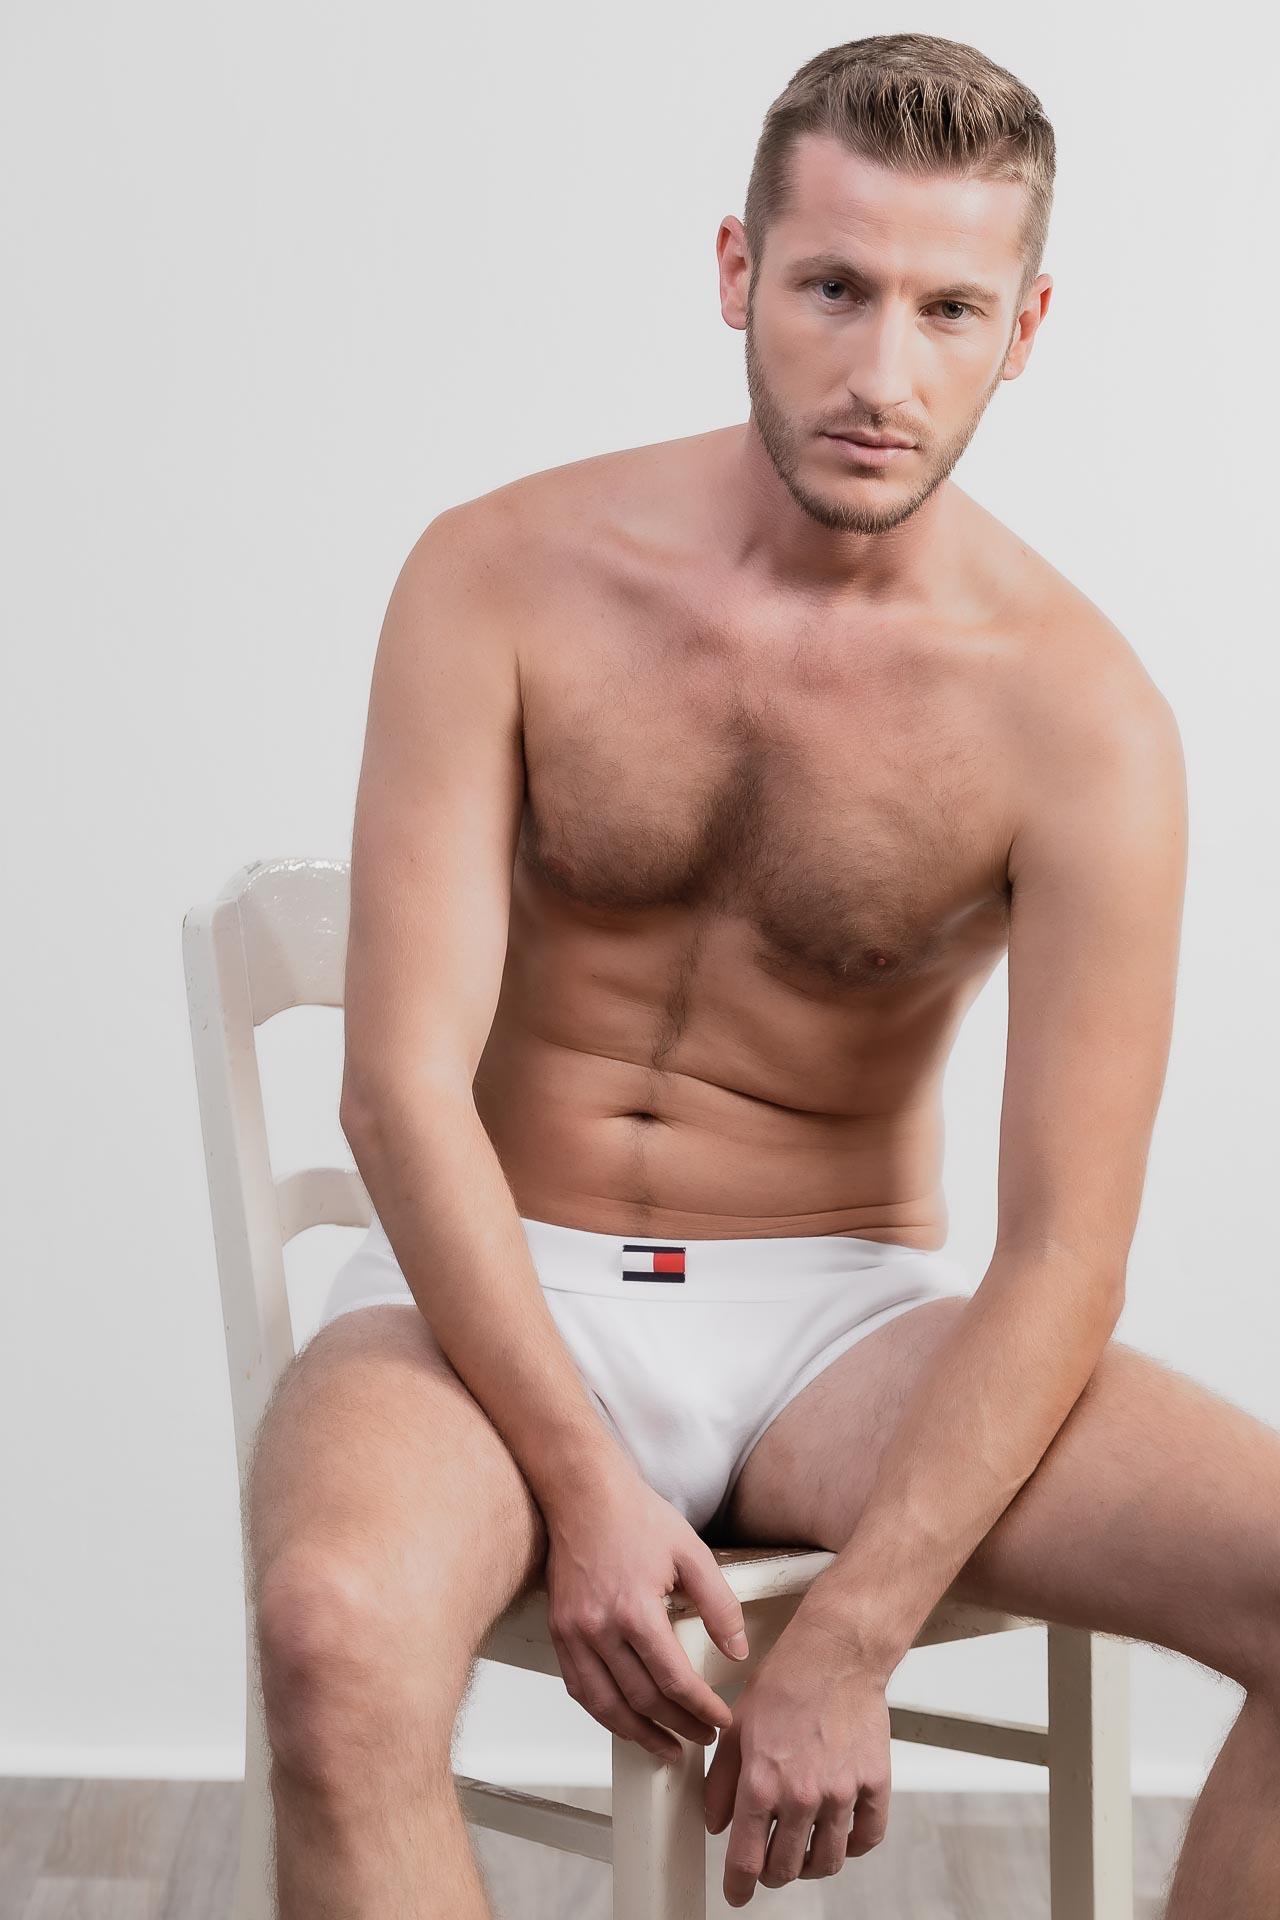 Erotisches Männershooting, Mann sitzt mit einer weißen Unterhose auf einem Stuhl